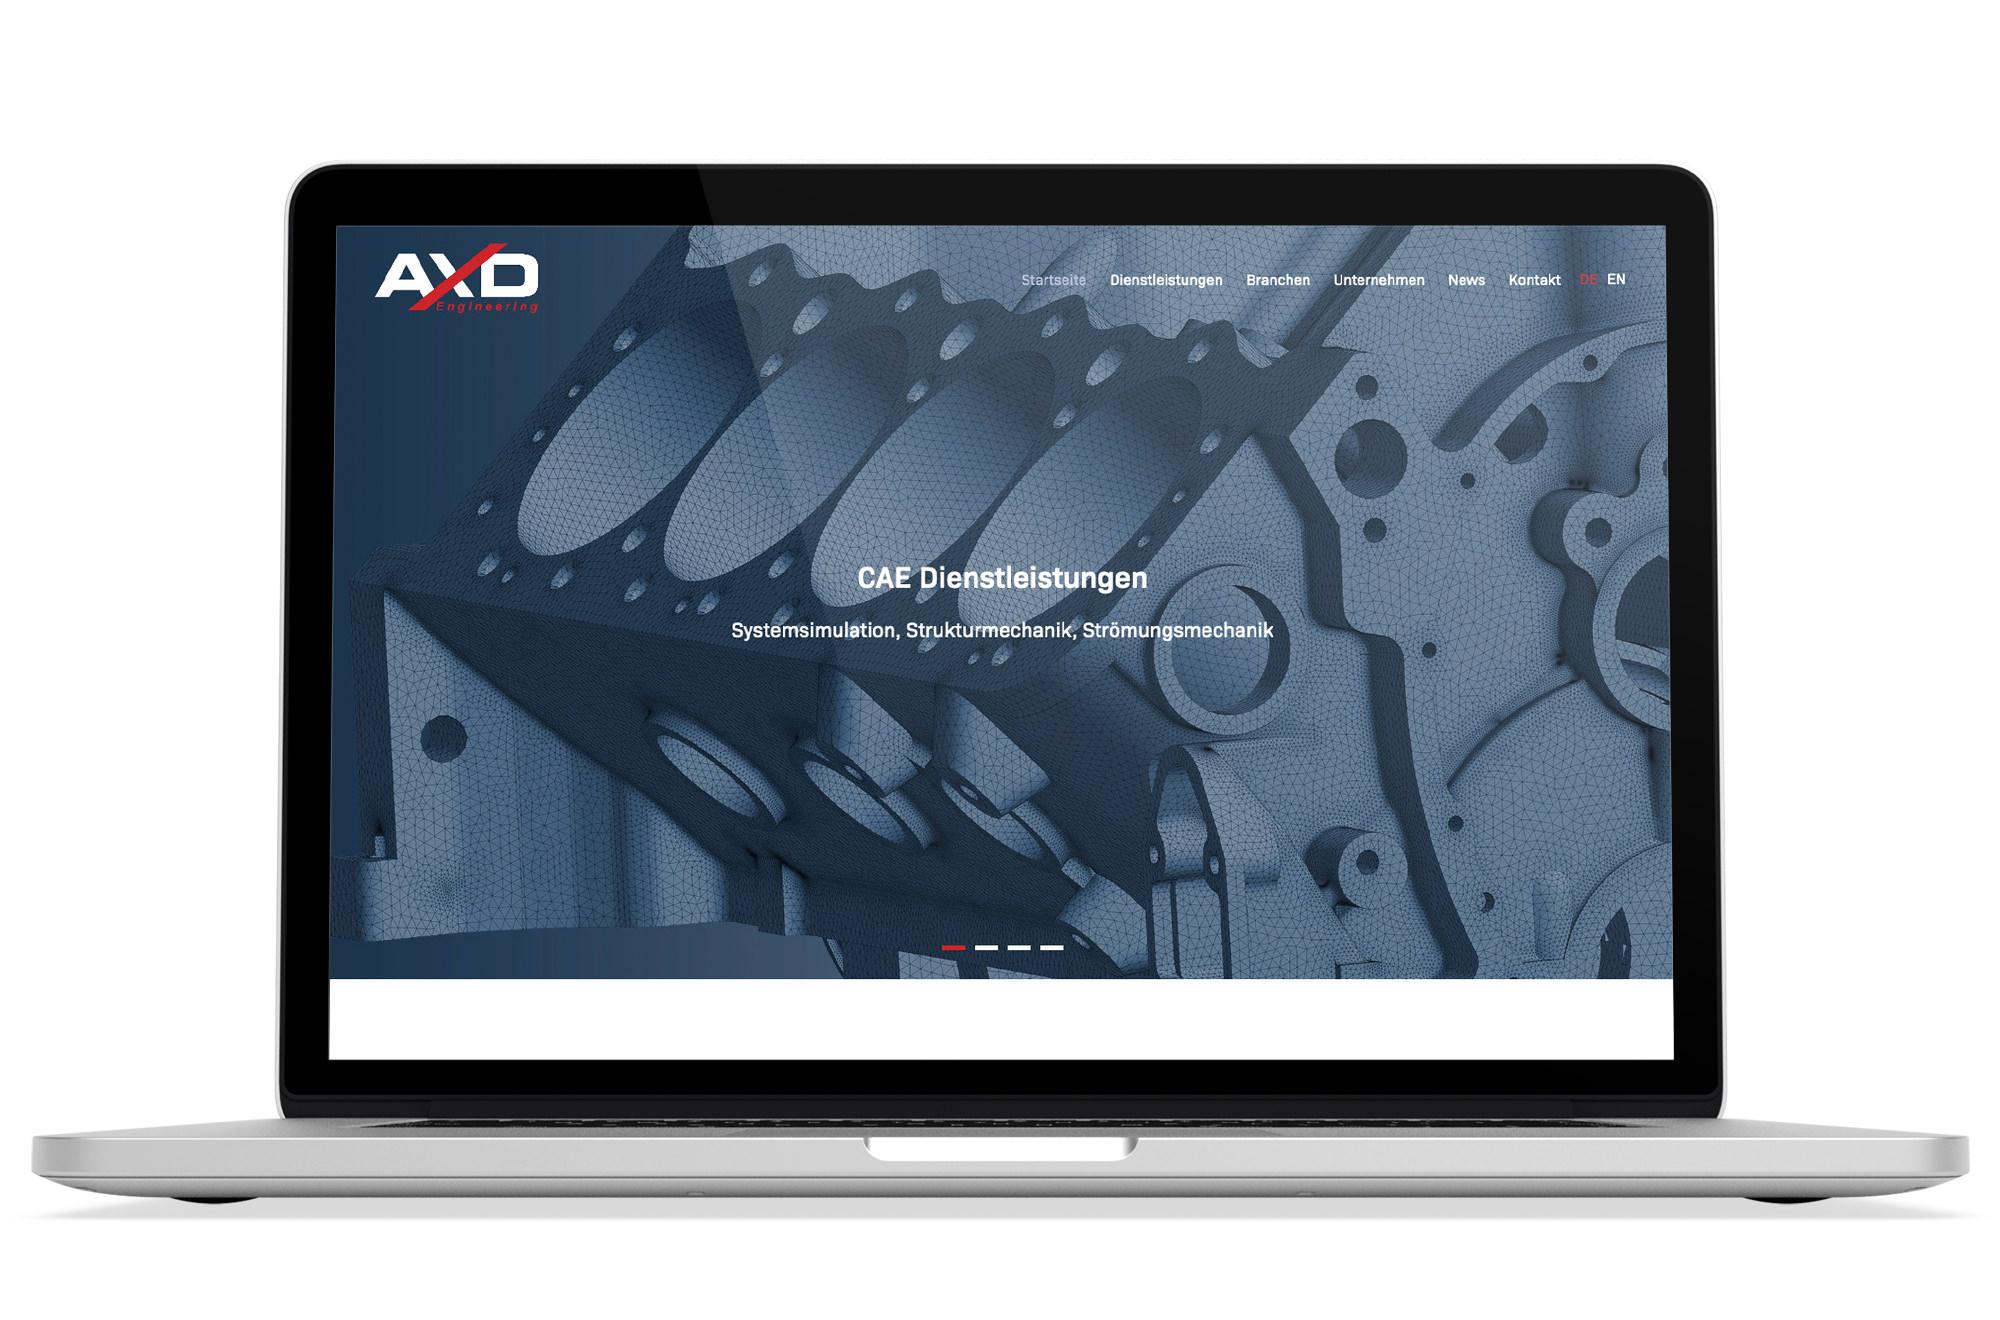 Responsive Webdesign Beispiel: Neue mobile Webseite für CAE Dienstleistungen